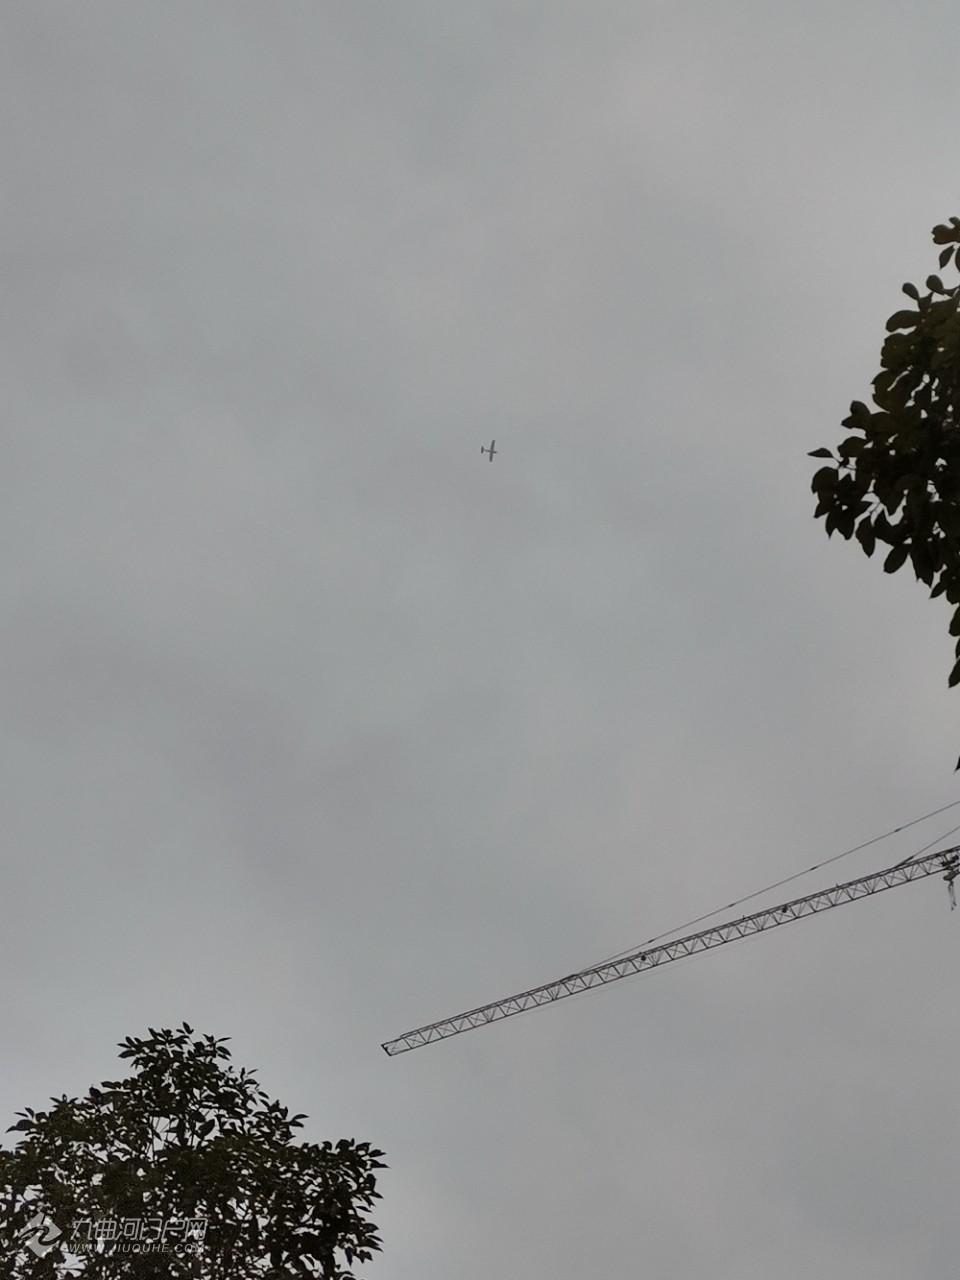 这个大飞机是干嘛的呢?今天两个在资阳沱东上空盘旋!